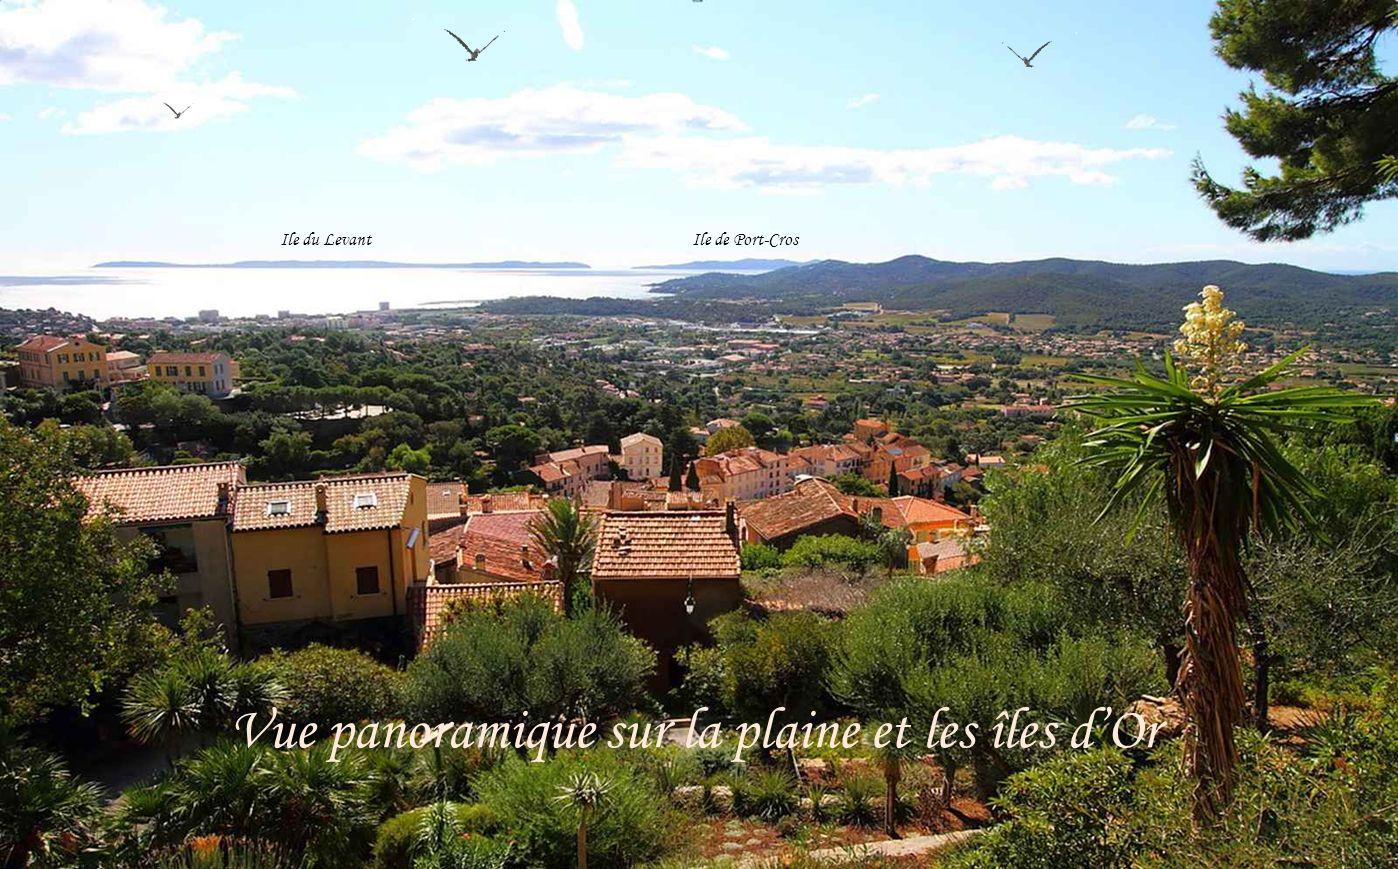 Bormes-les-Mimosas est souvent comparé, grâce à son vieux village, à une crèche provençale : vieilles maisons couvertes de tuiles roses, ruelles fleur